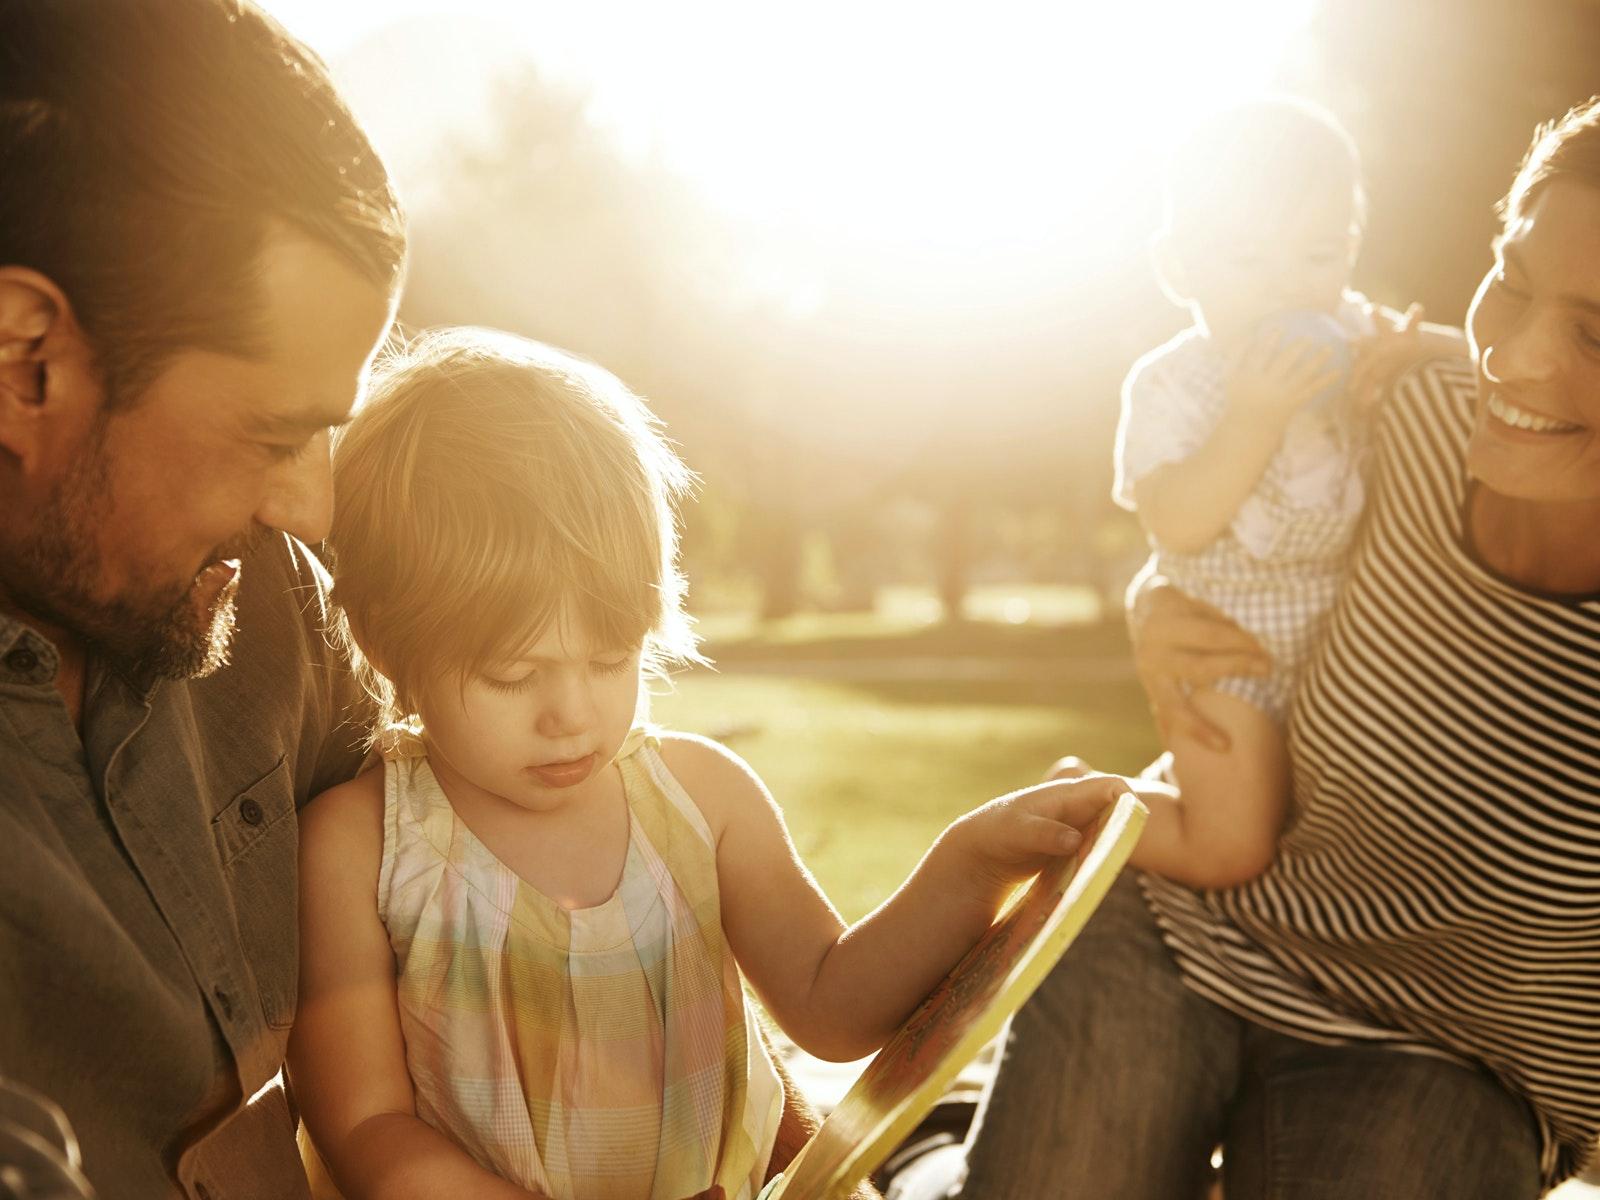 Les applications pratiques pour les vacances en   famille